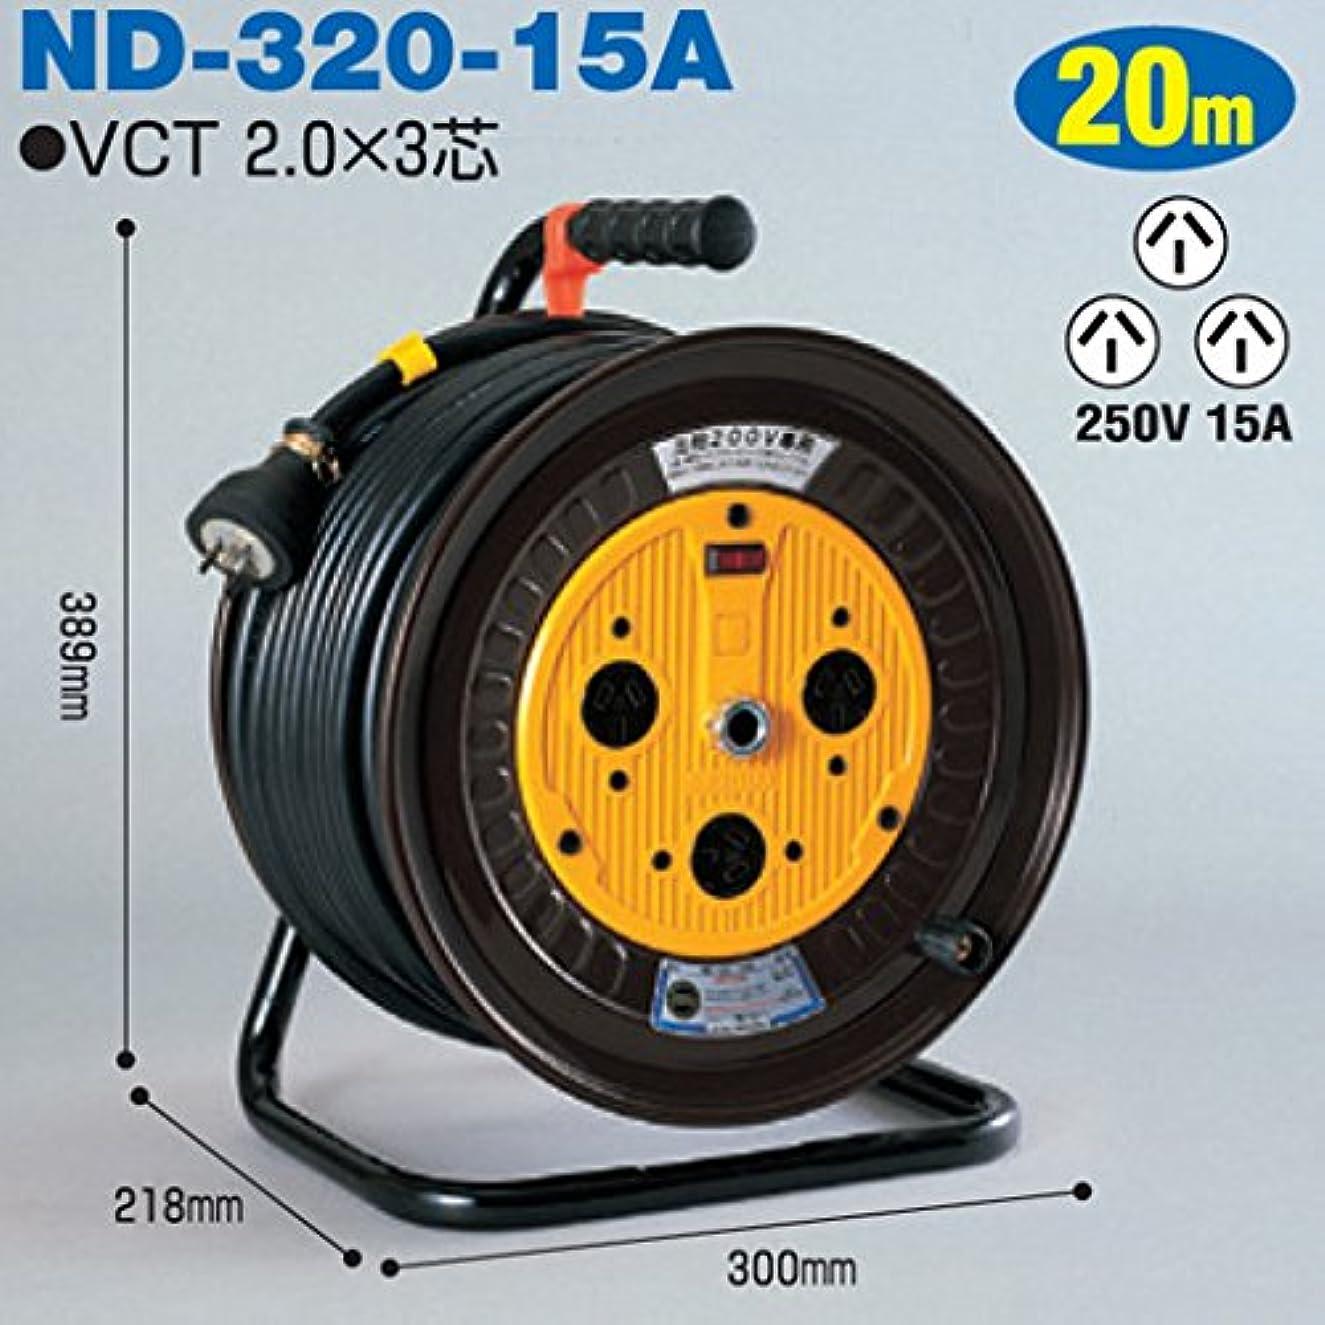 交響曲することになっている辞書電工ドラム 三相200V一般型ドラム(屋内型) ND-320-15A 20m(15A) アース無 日動工業